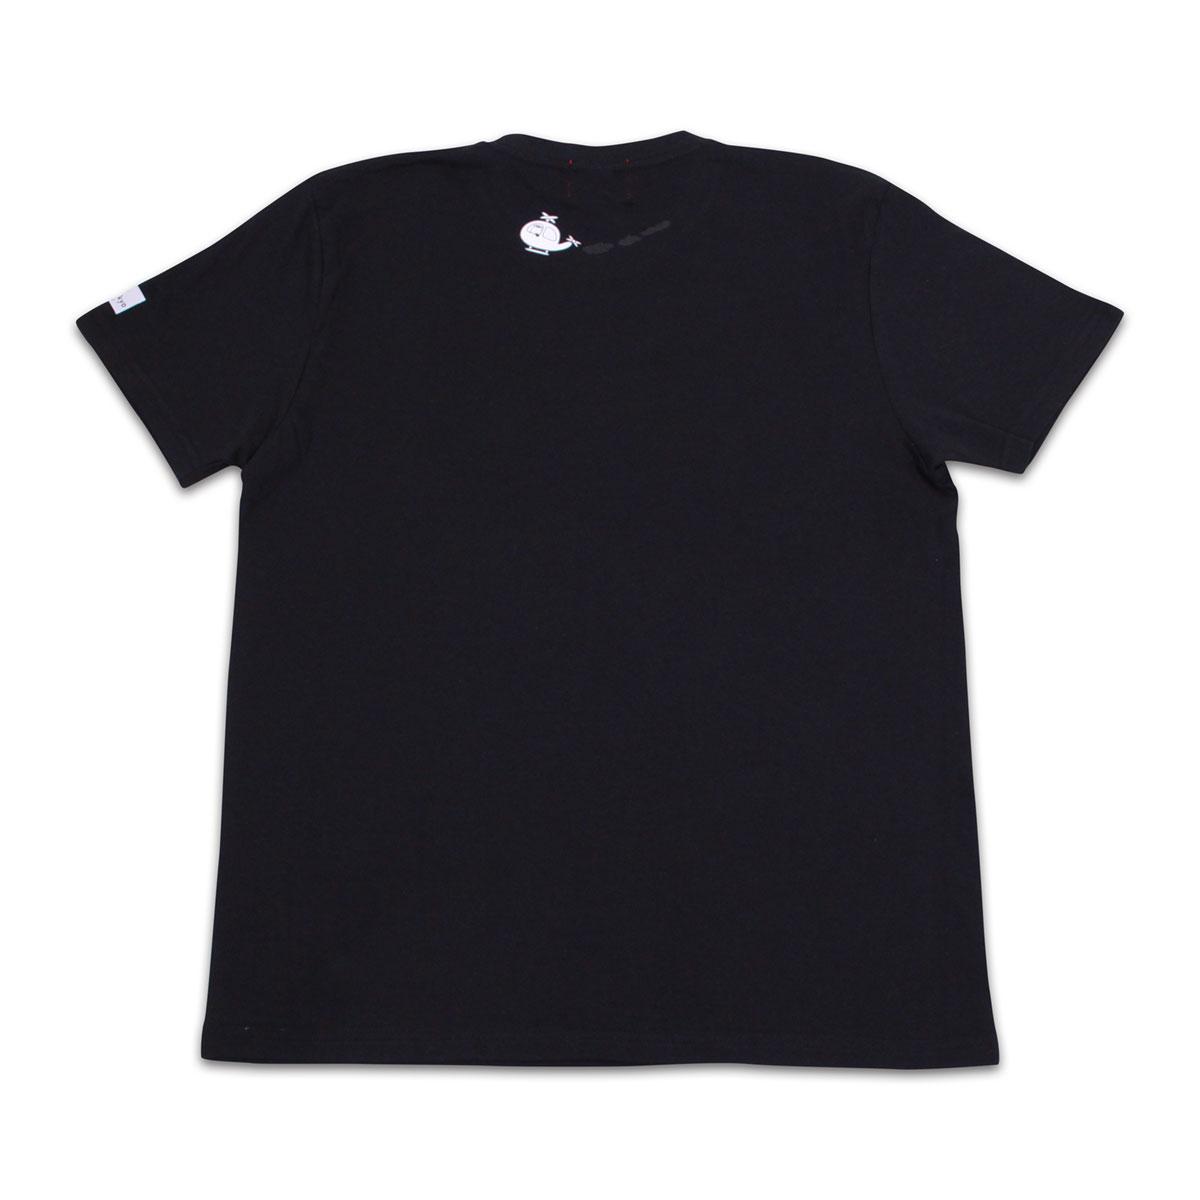 パラシュート(Black)